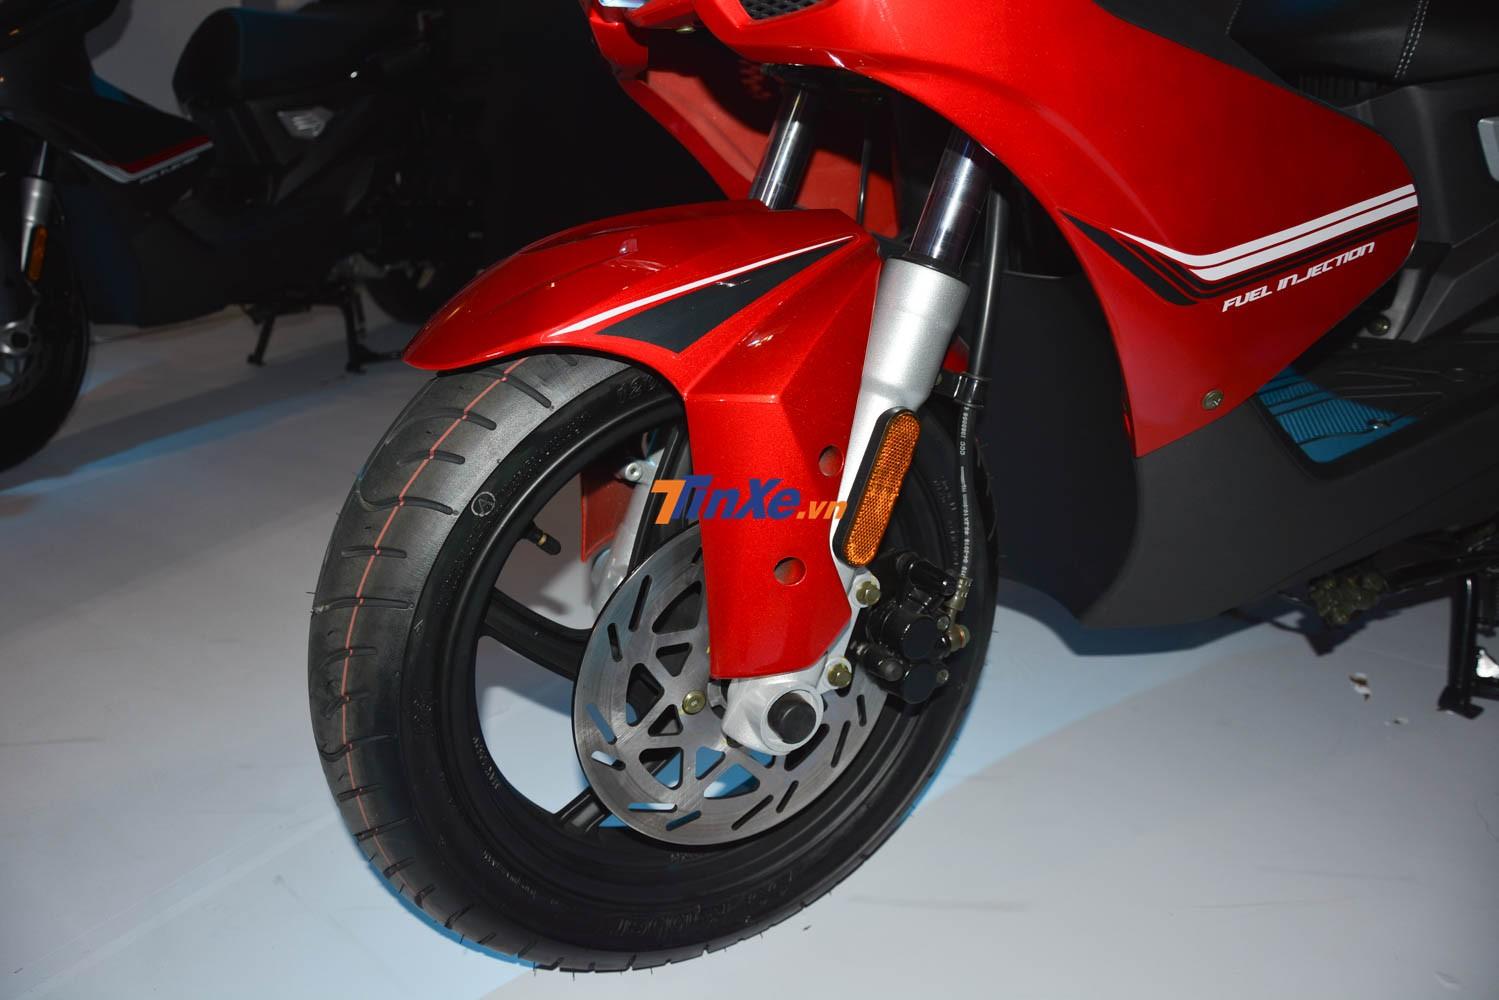 UMG Motor Damon 125cc được trang bị hệ thống phanh đĩa CBS phía trước